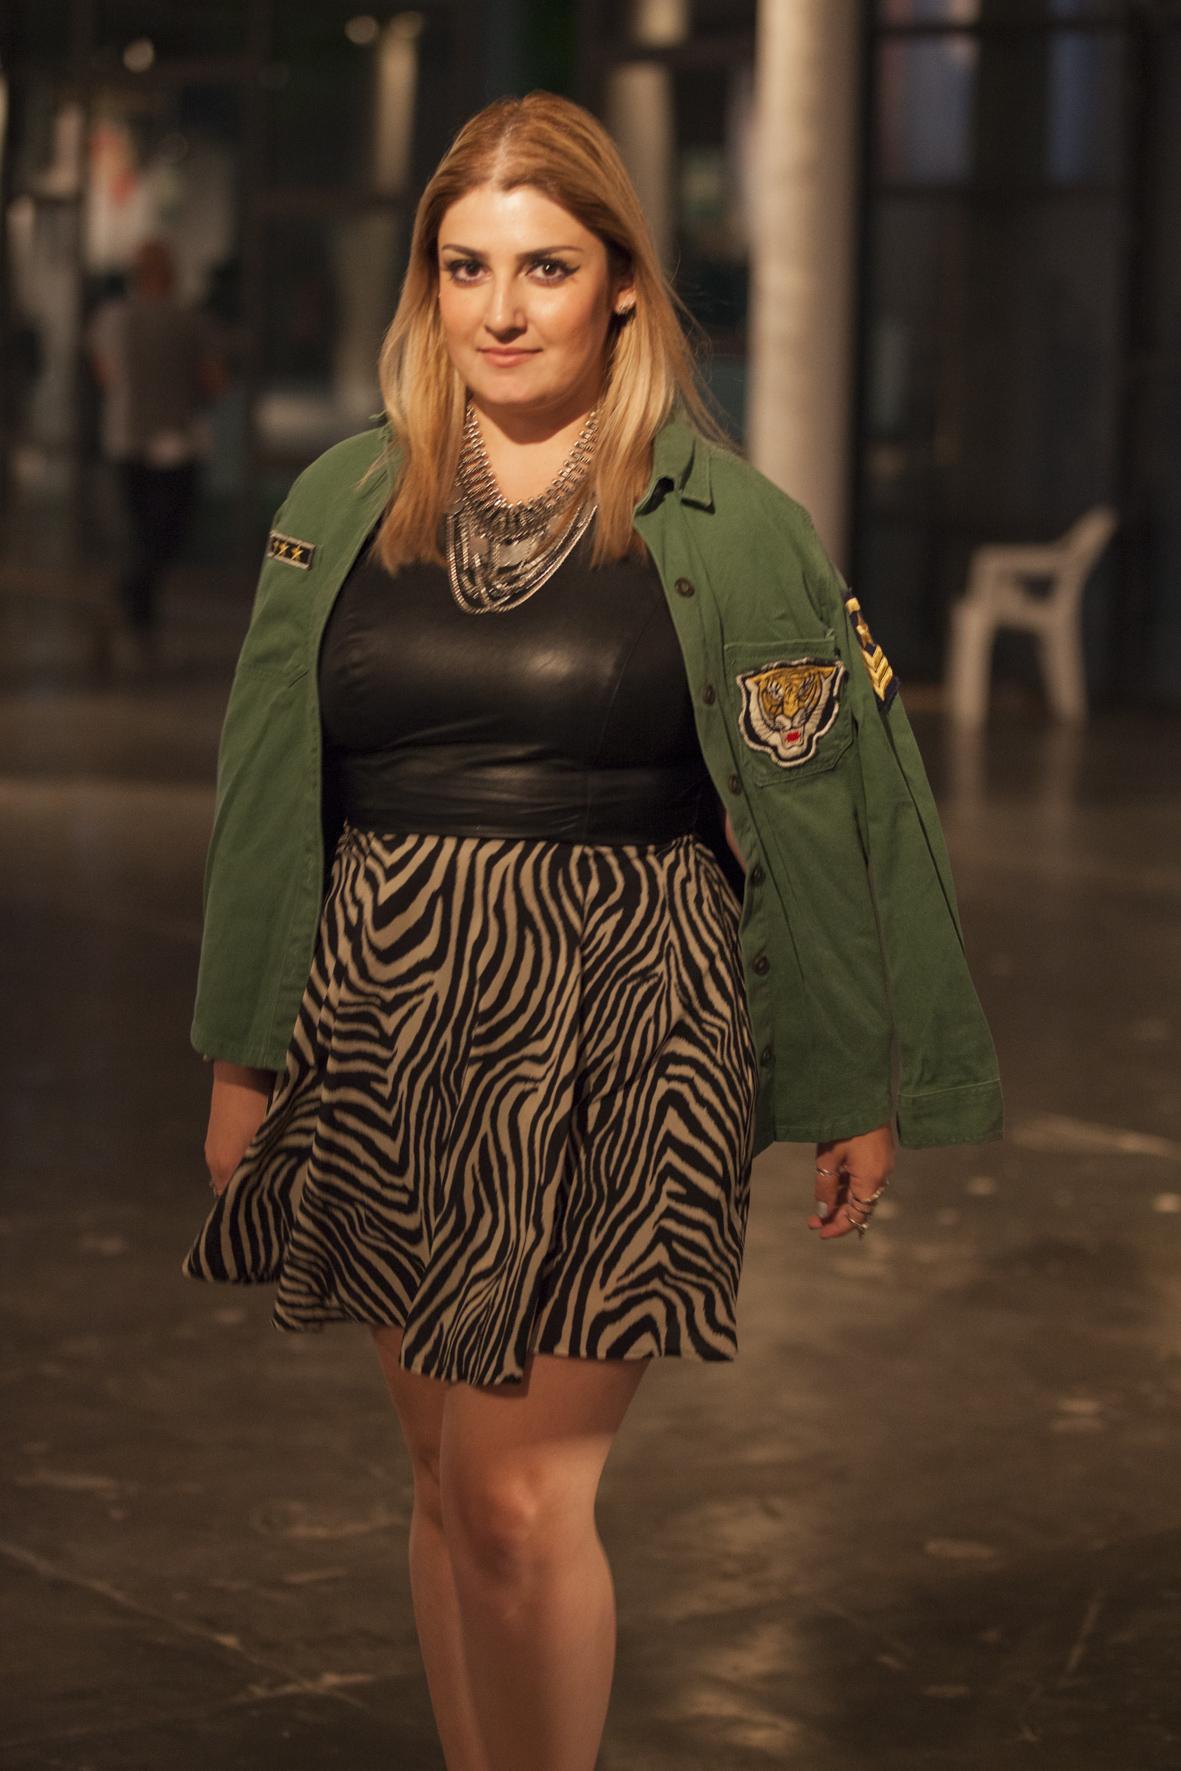 blogueira de moda, Look Militar, Animal Print, Zebra, SPFW, Giovana Quaglio, Blog Acho Tendência